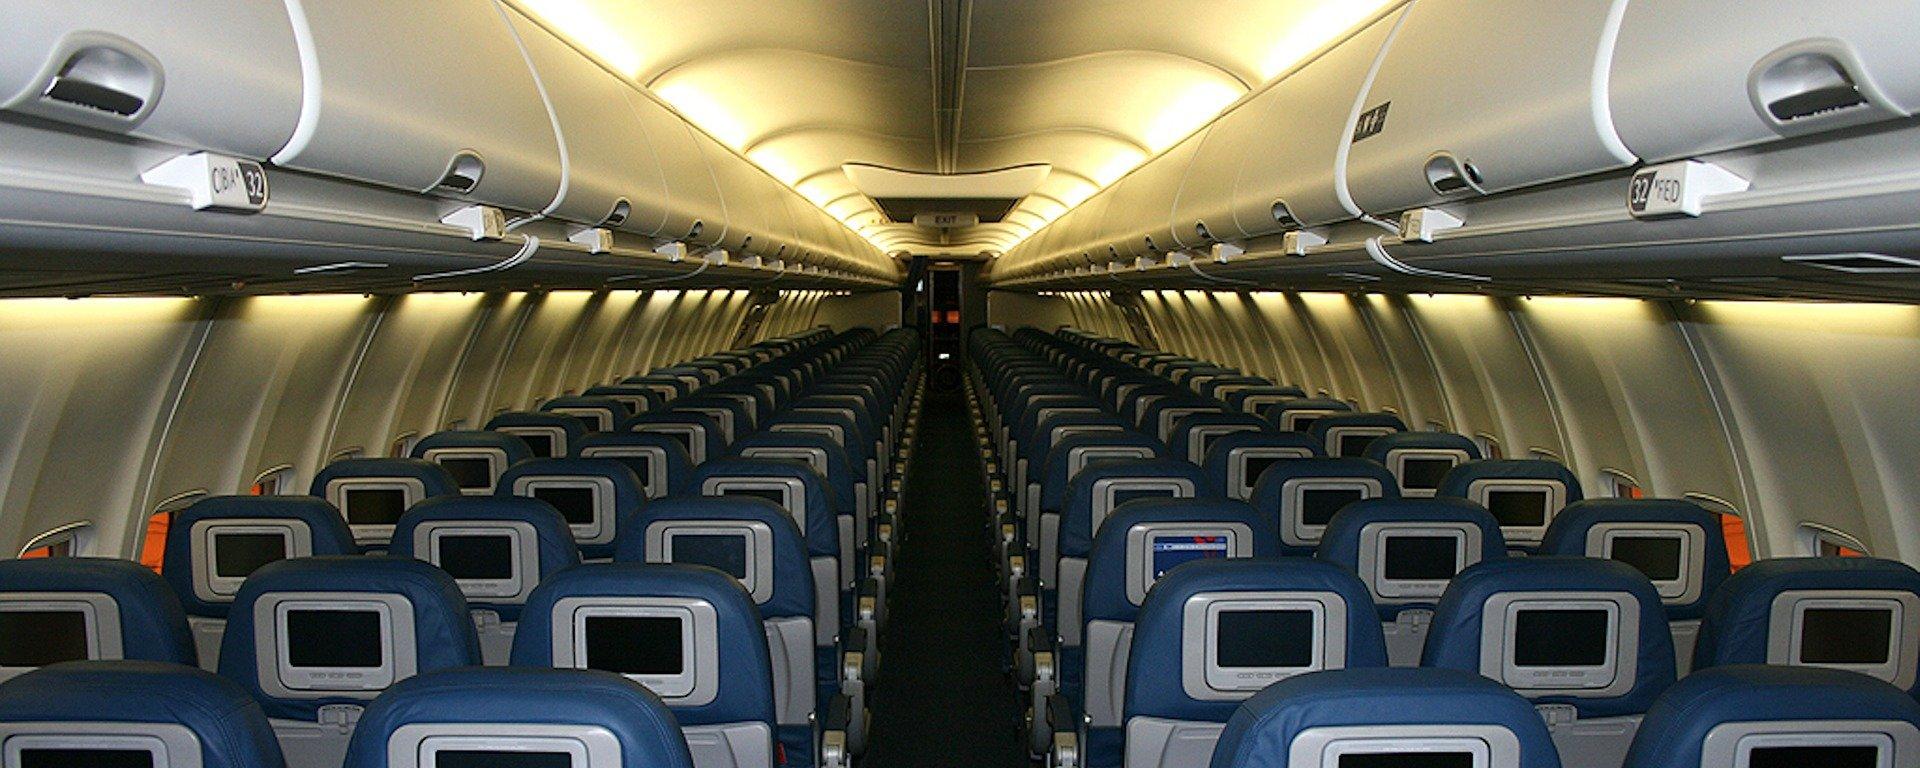 Vai viajar de avião? Saiba qual é a melhor poltrona para se sentar